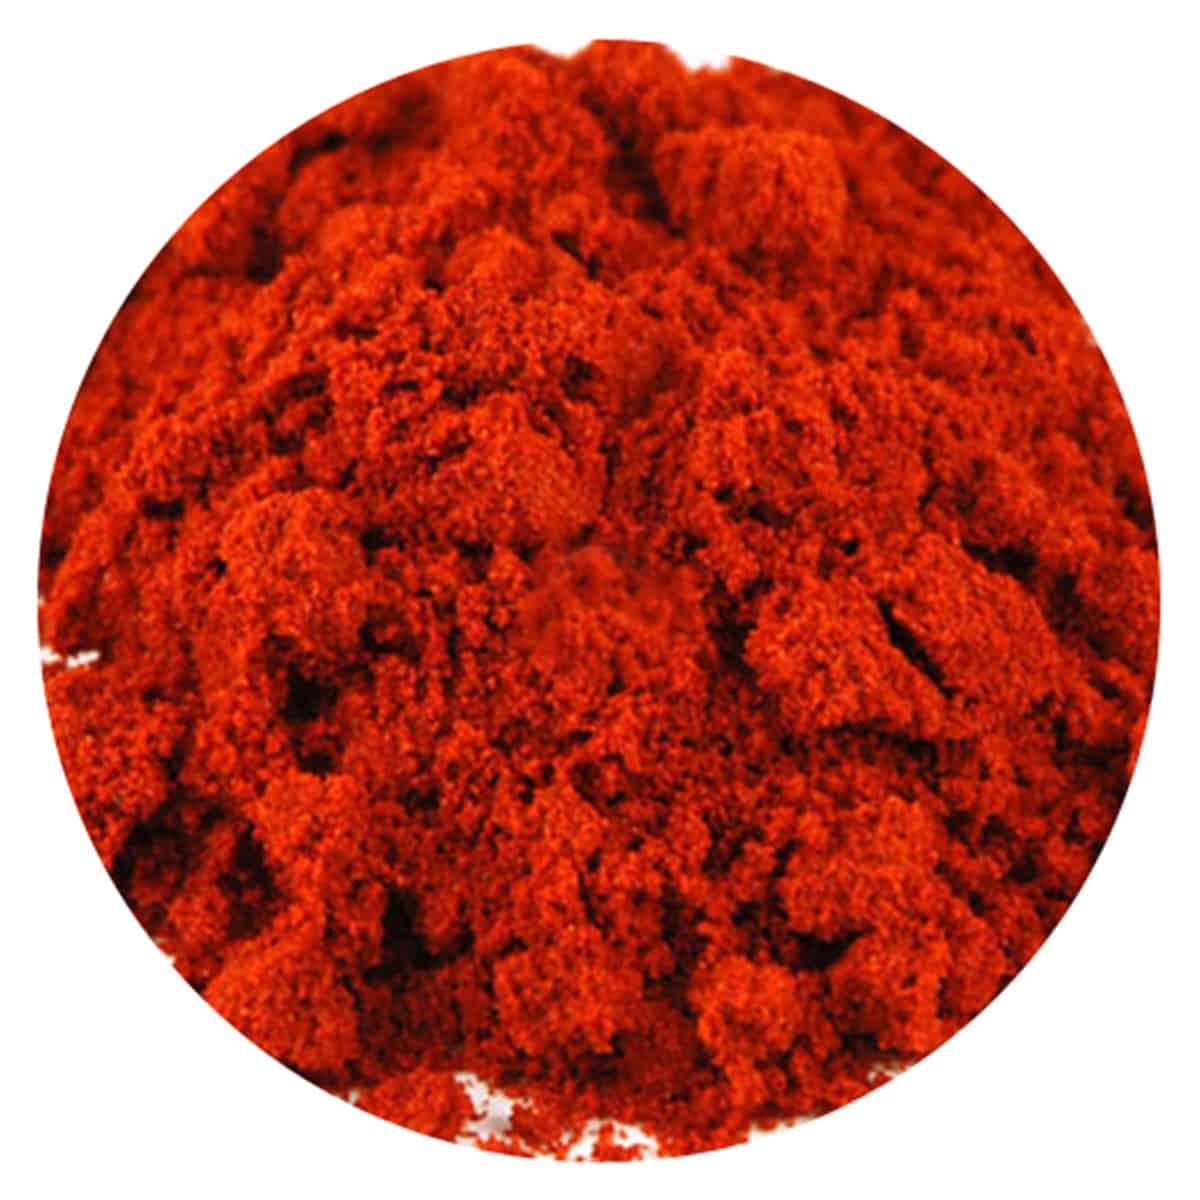 Buy IAG Foods Smoked Paprika Powder - 1 kg